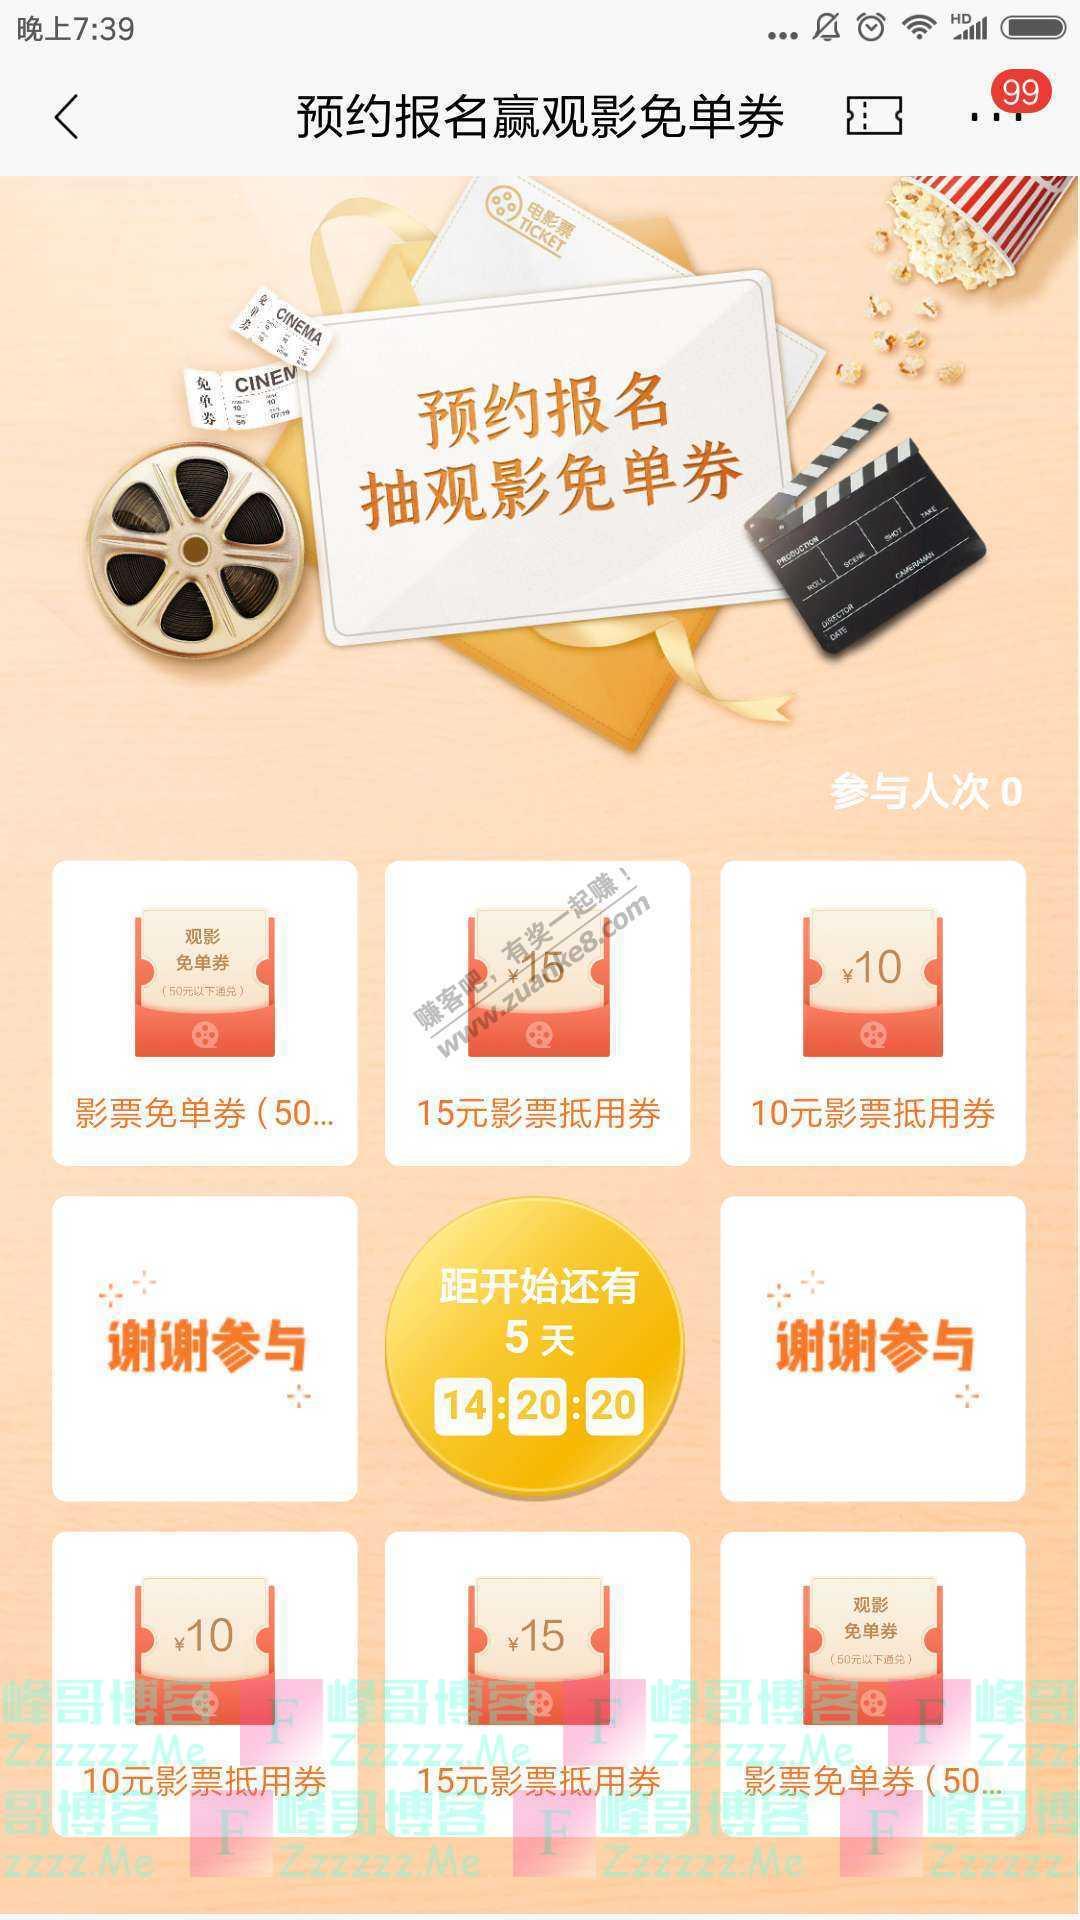 招商银行app预约报名赢观影免单券(截止11月16日)